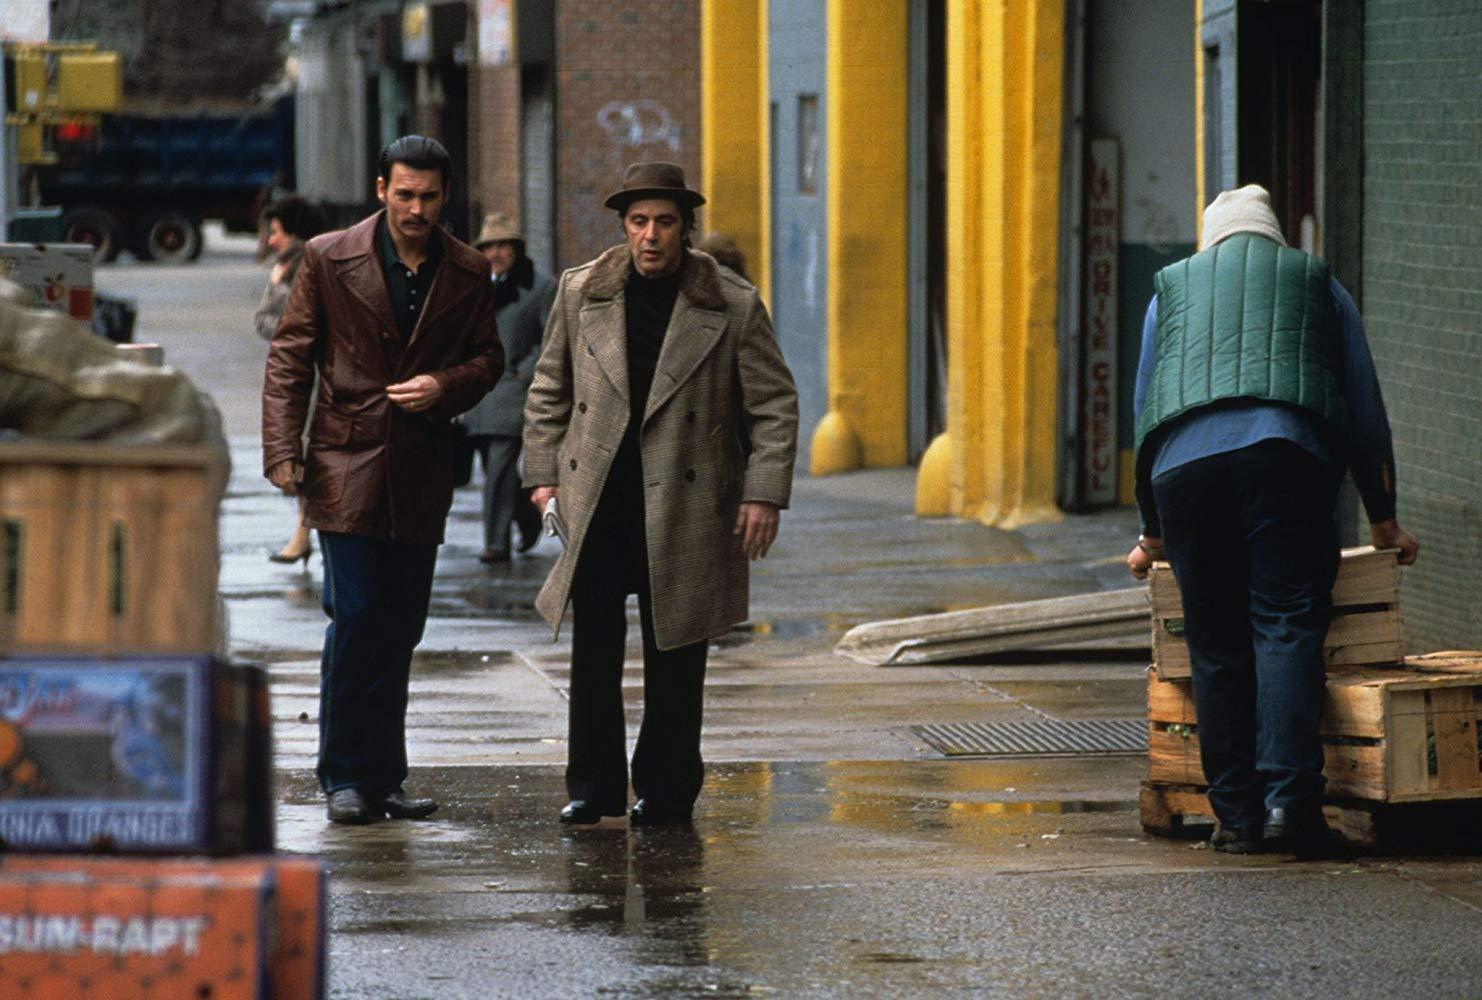 در ادامه این مطلب قصد داریم شما را با 10 عنوان از بهترین فیلم های ژانر جنایی که از بهترین ها و شاهکارهای این ژانر به شمار آمده اما بسیاری آن ها را ندیده اند آشنا کنیم.